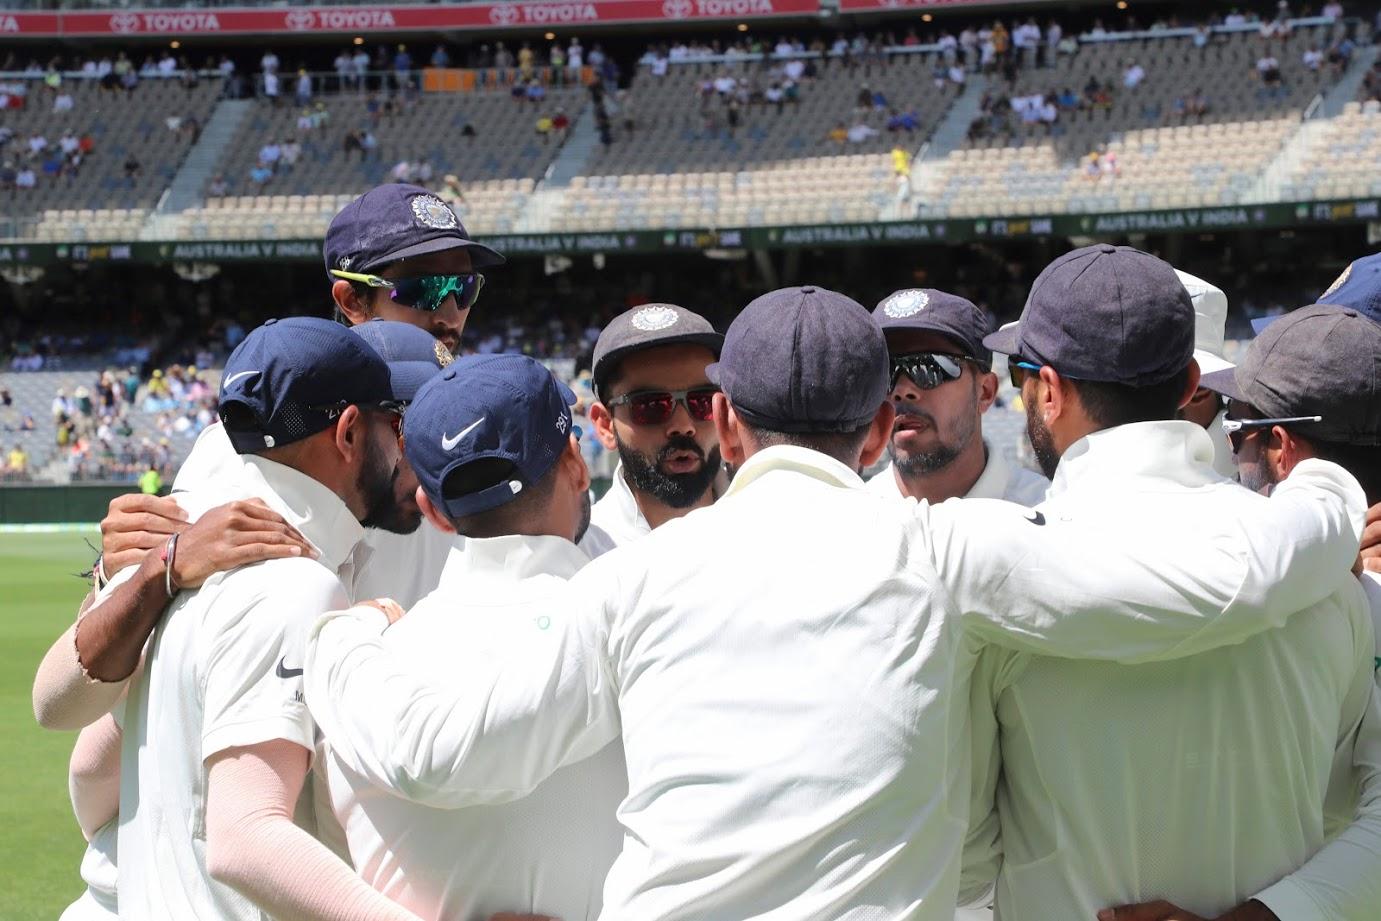 Live cricket score, India vs Australia 3rd Test, Day २- दुसऱ्या दिवसाच्या शेवटी ऑस्ट्रेलिया ८- ०, भारताने ४४३ वर केला डाव घोषित